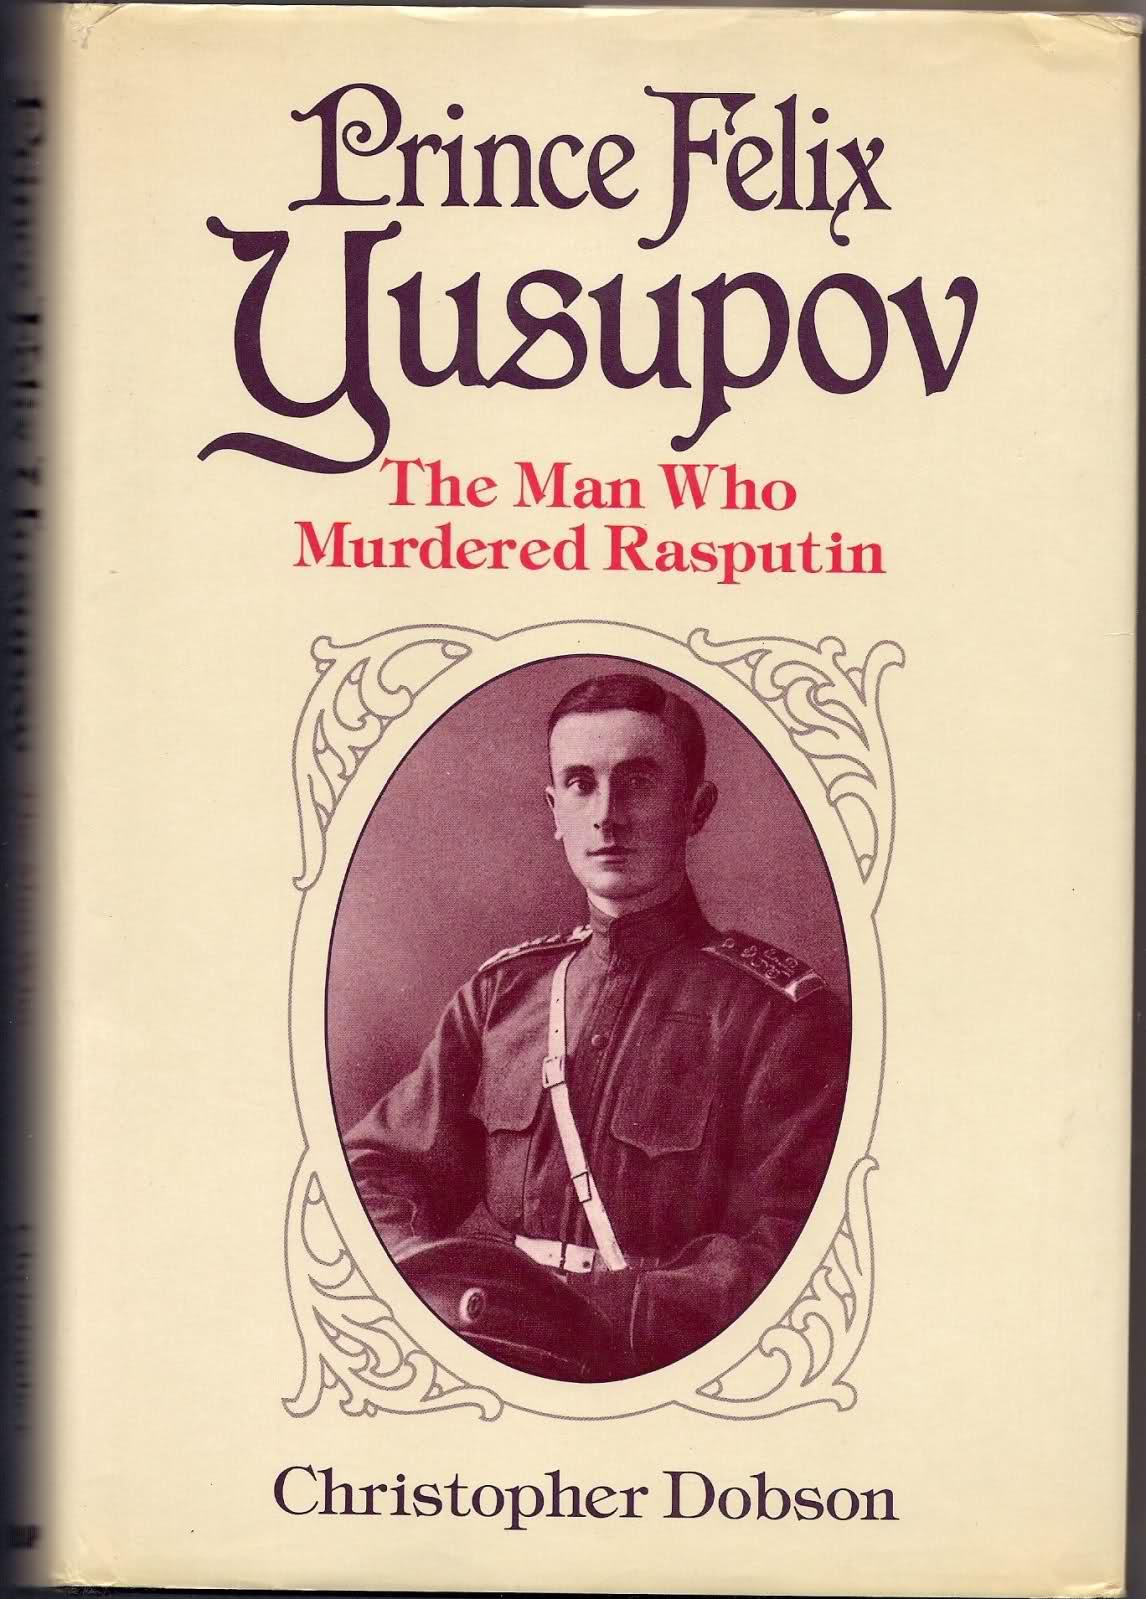 Libros dedicados a la Familia Imperial rusa 25asum9